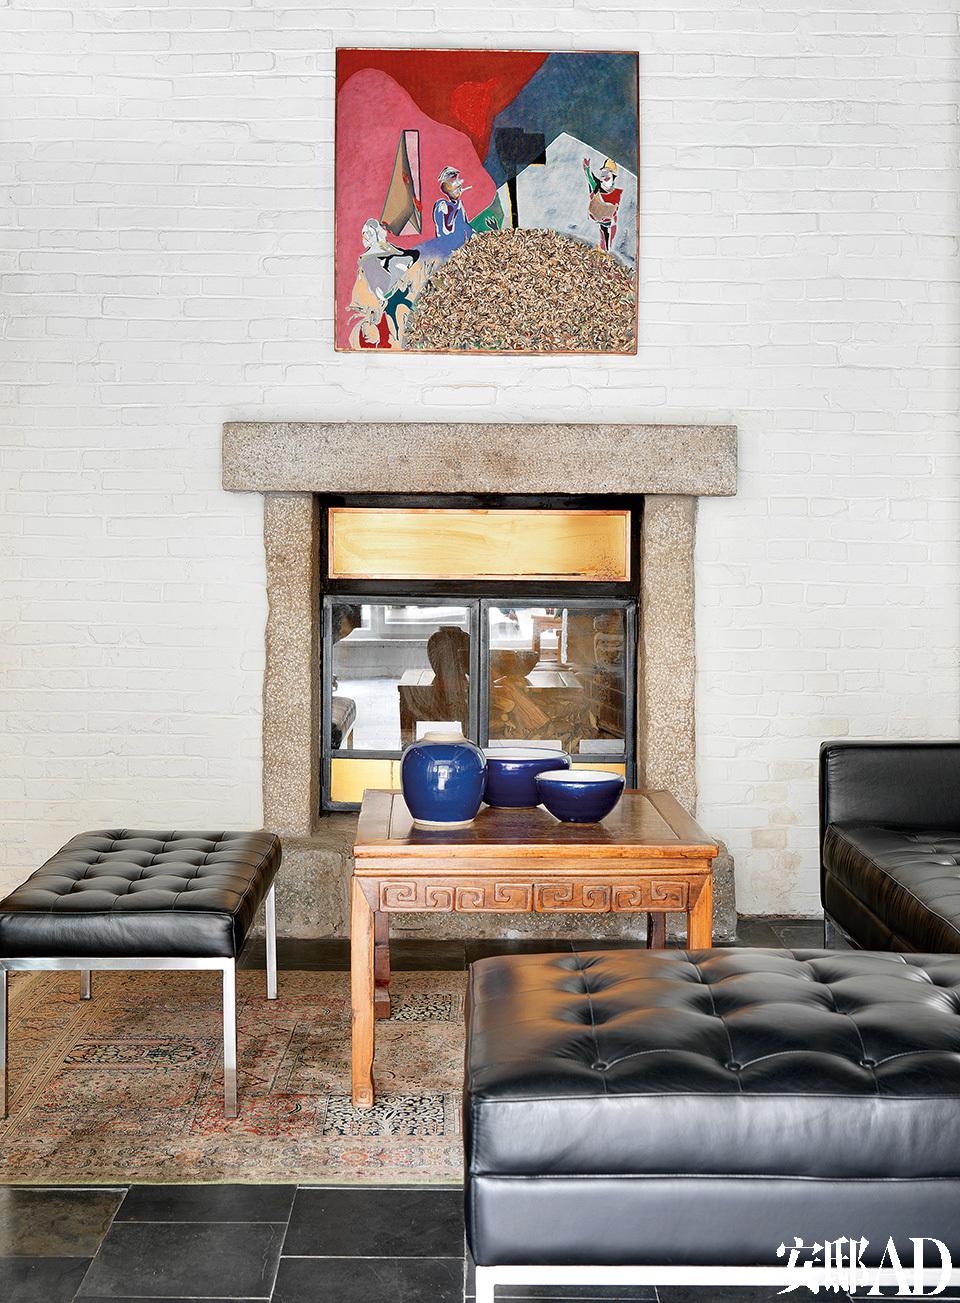 旧起居室,萨洋在老房子里加建了壁炉,中式方桌上摆着收藏的瓷器。